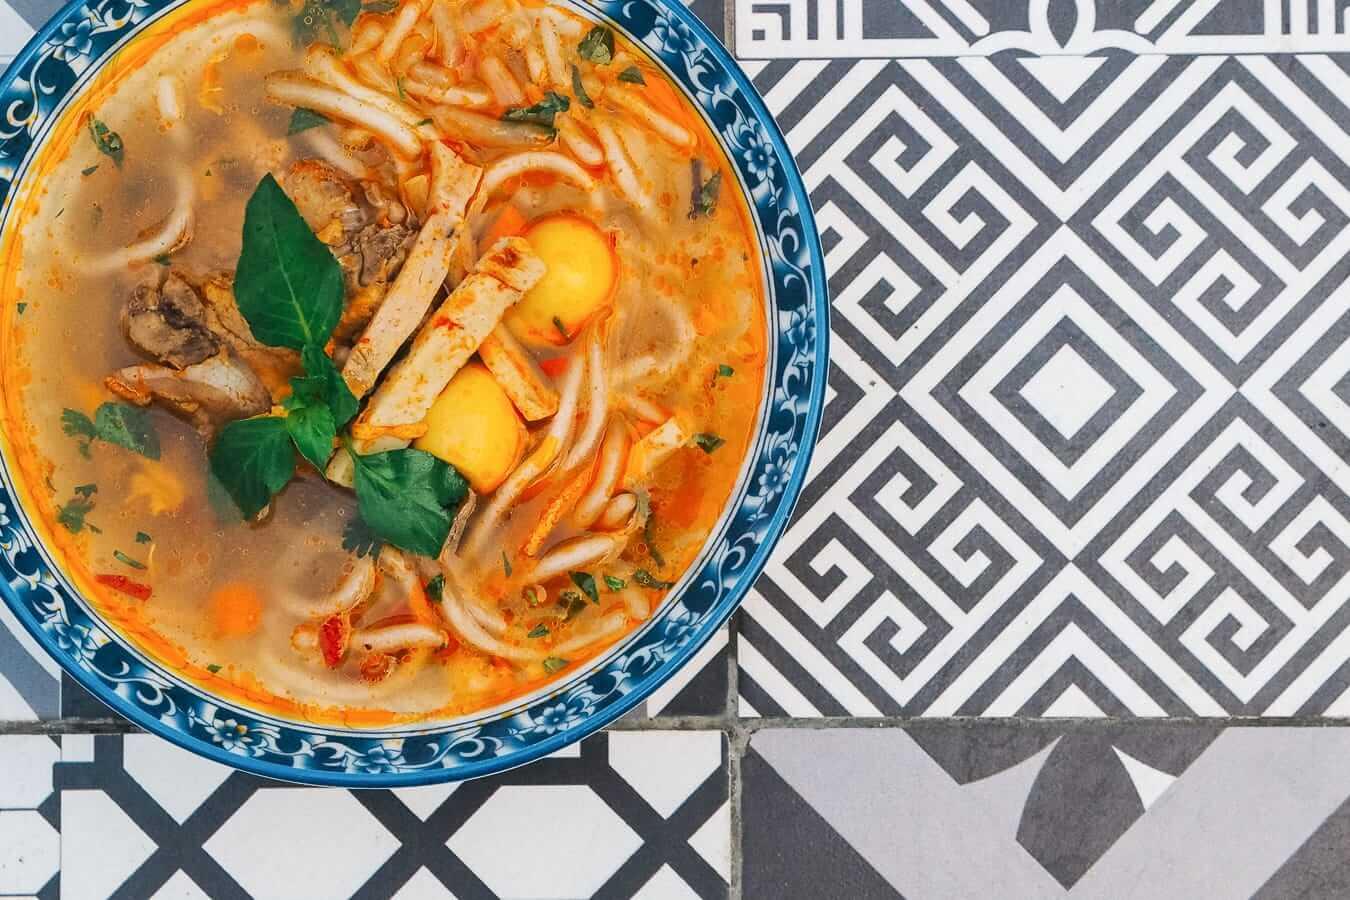 Banh Canh: Vietnamese food